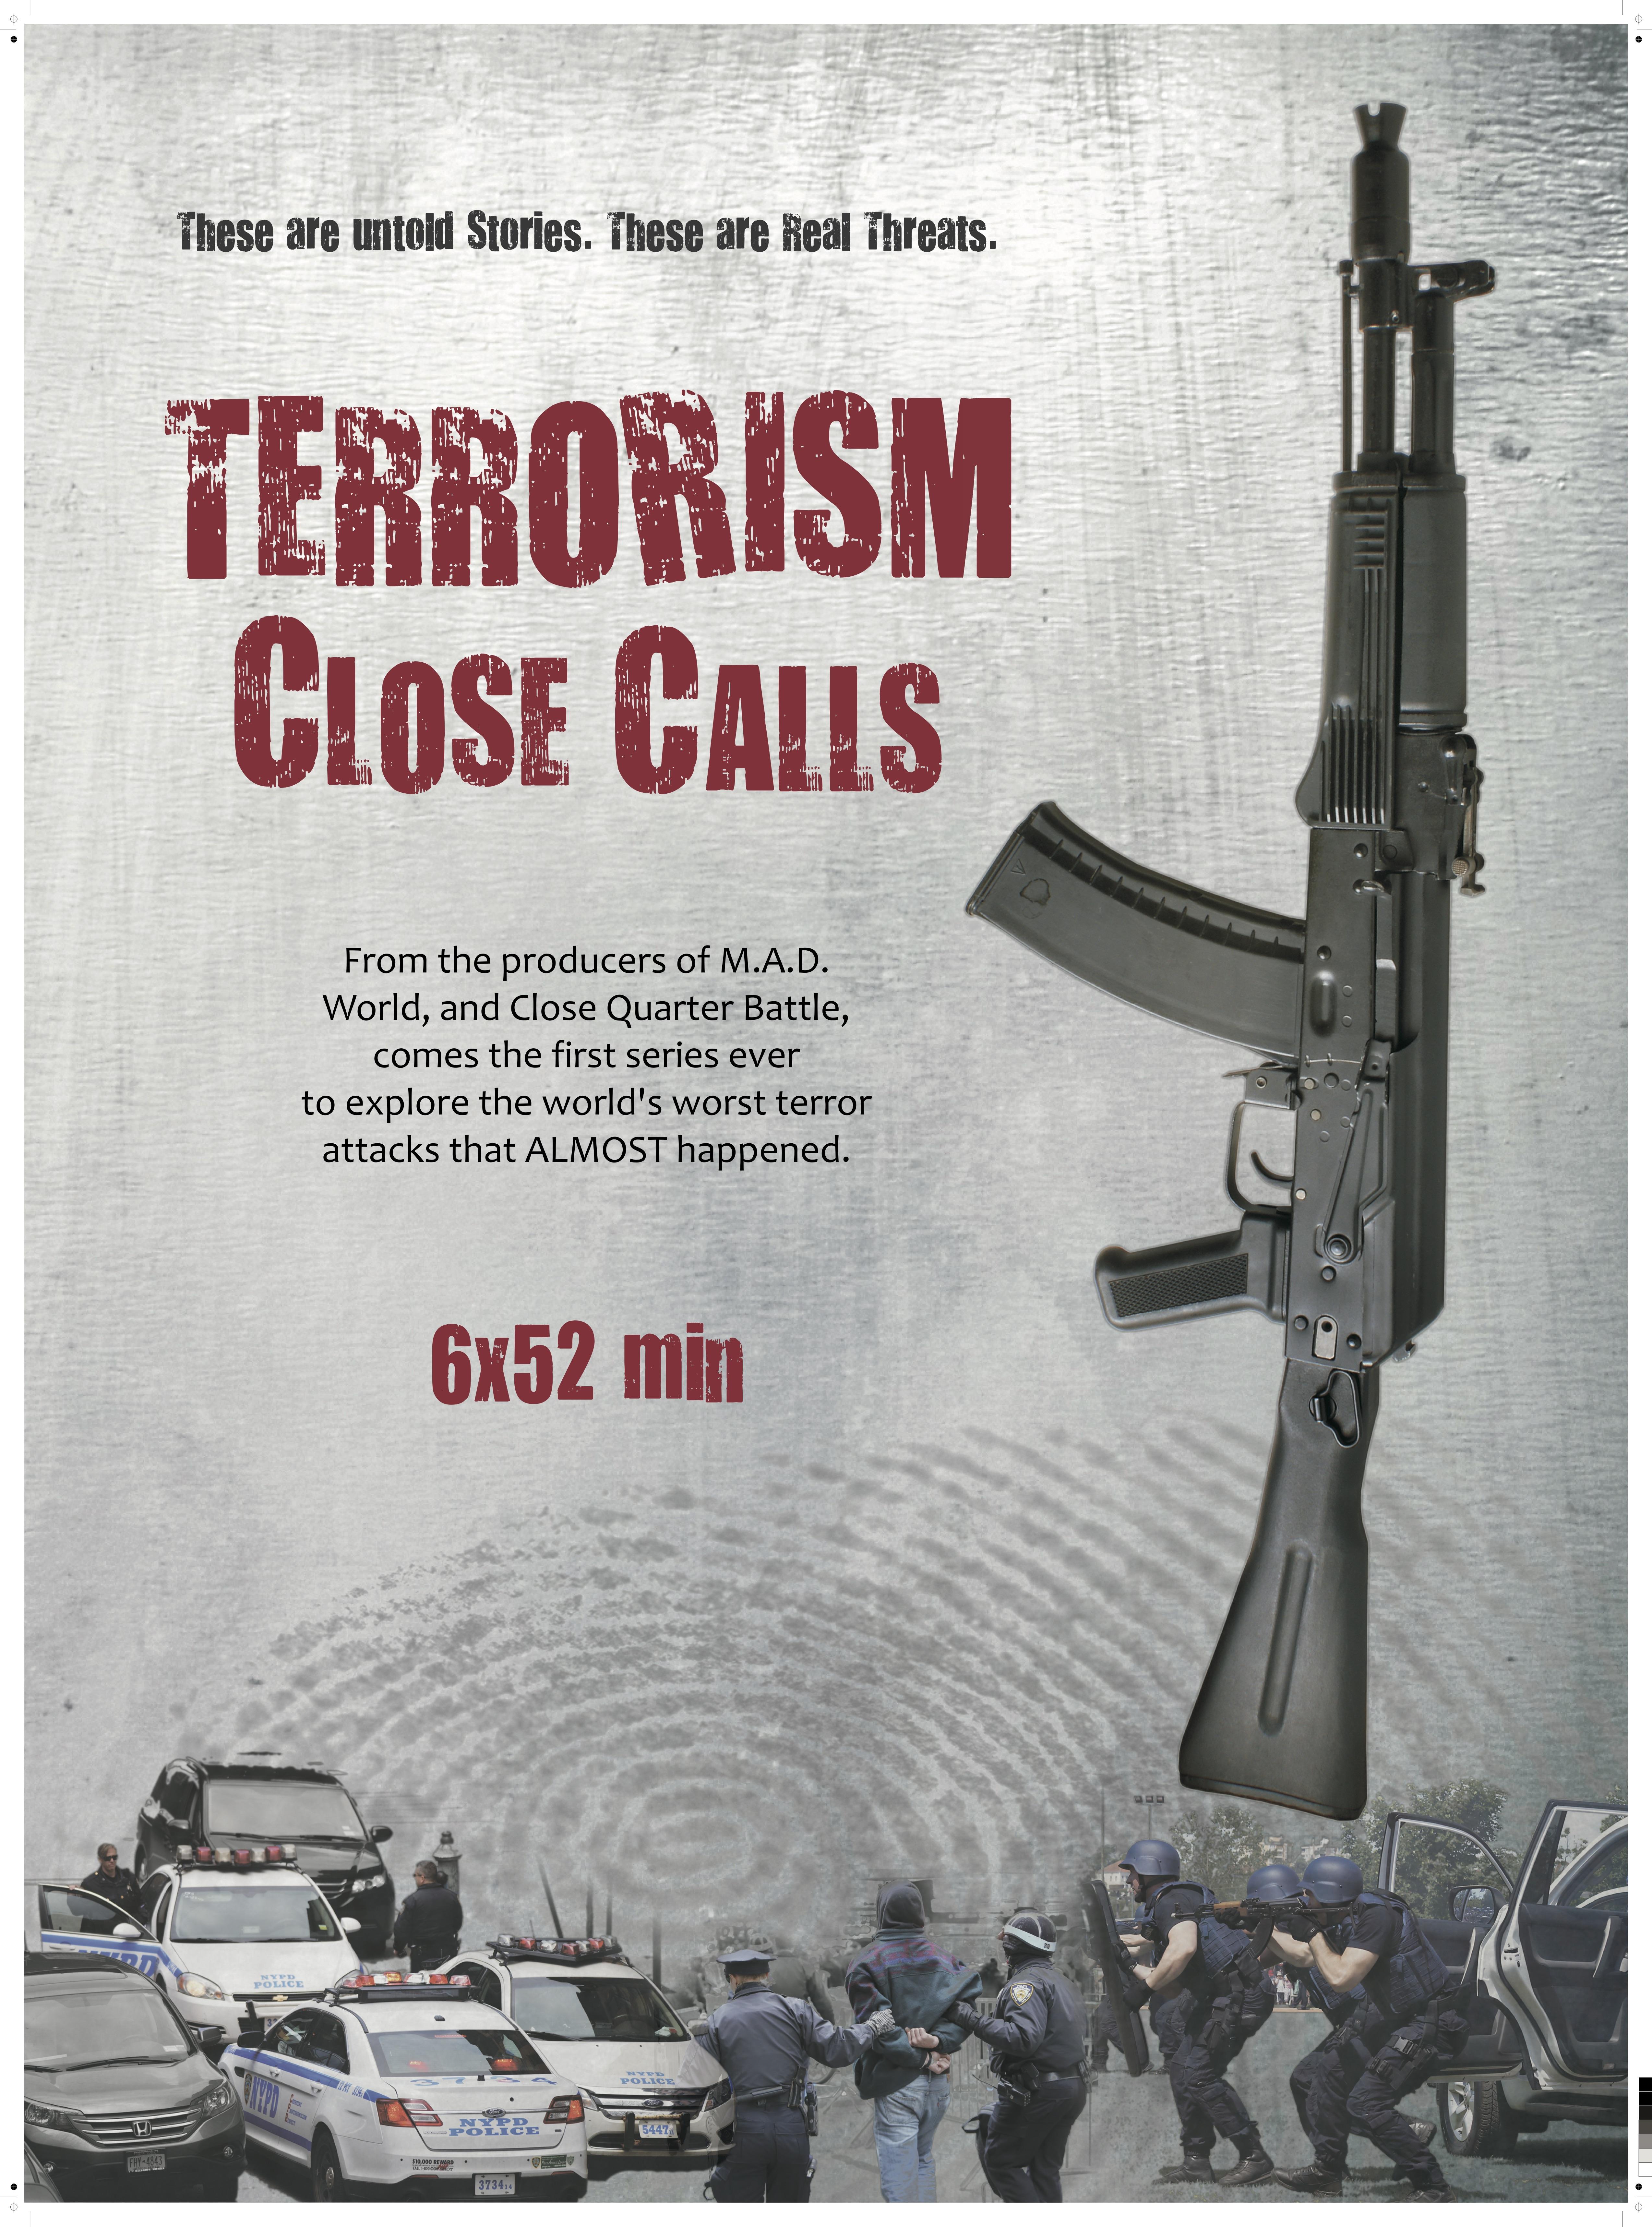 Terrorism Close Calls kapak